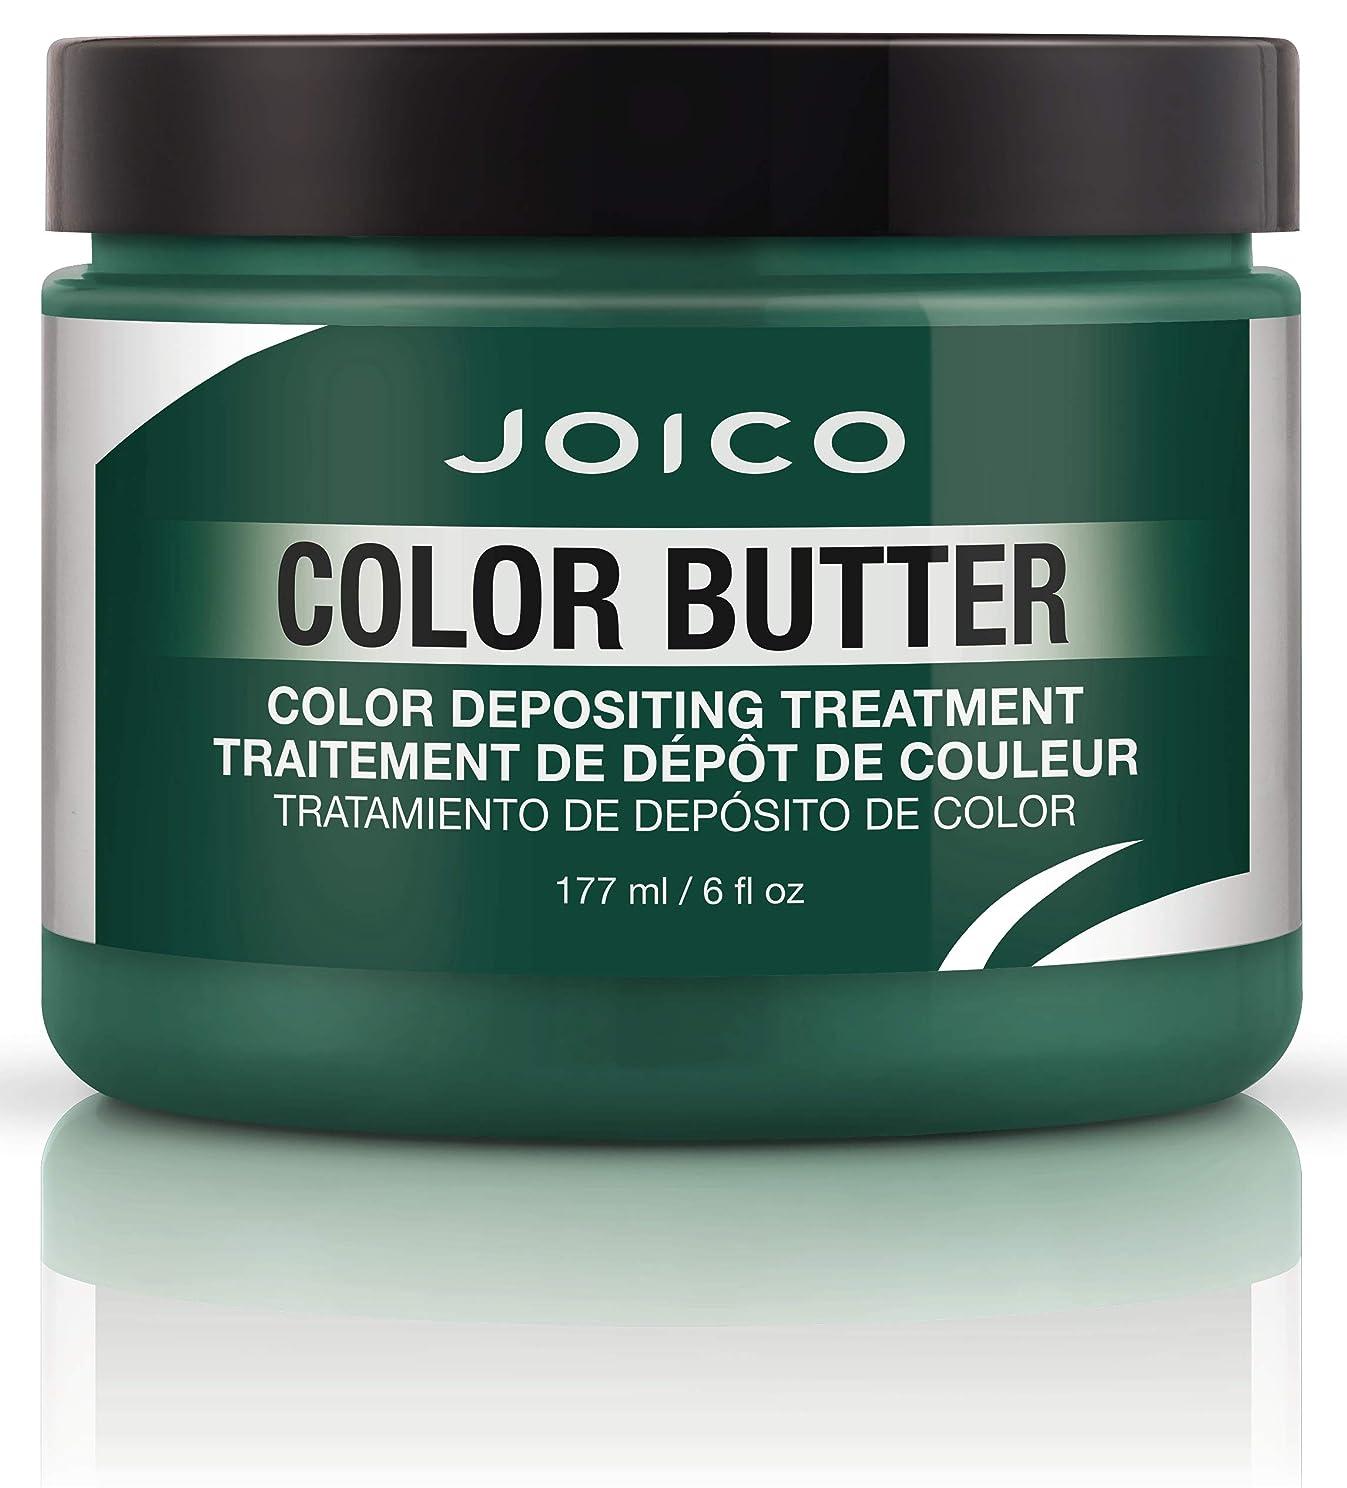 チャーミングソロ狐Joico 輝度色バター、 6オンス 緑